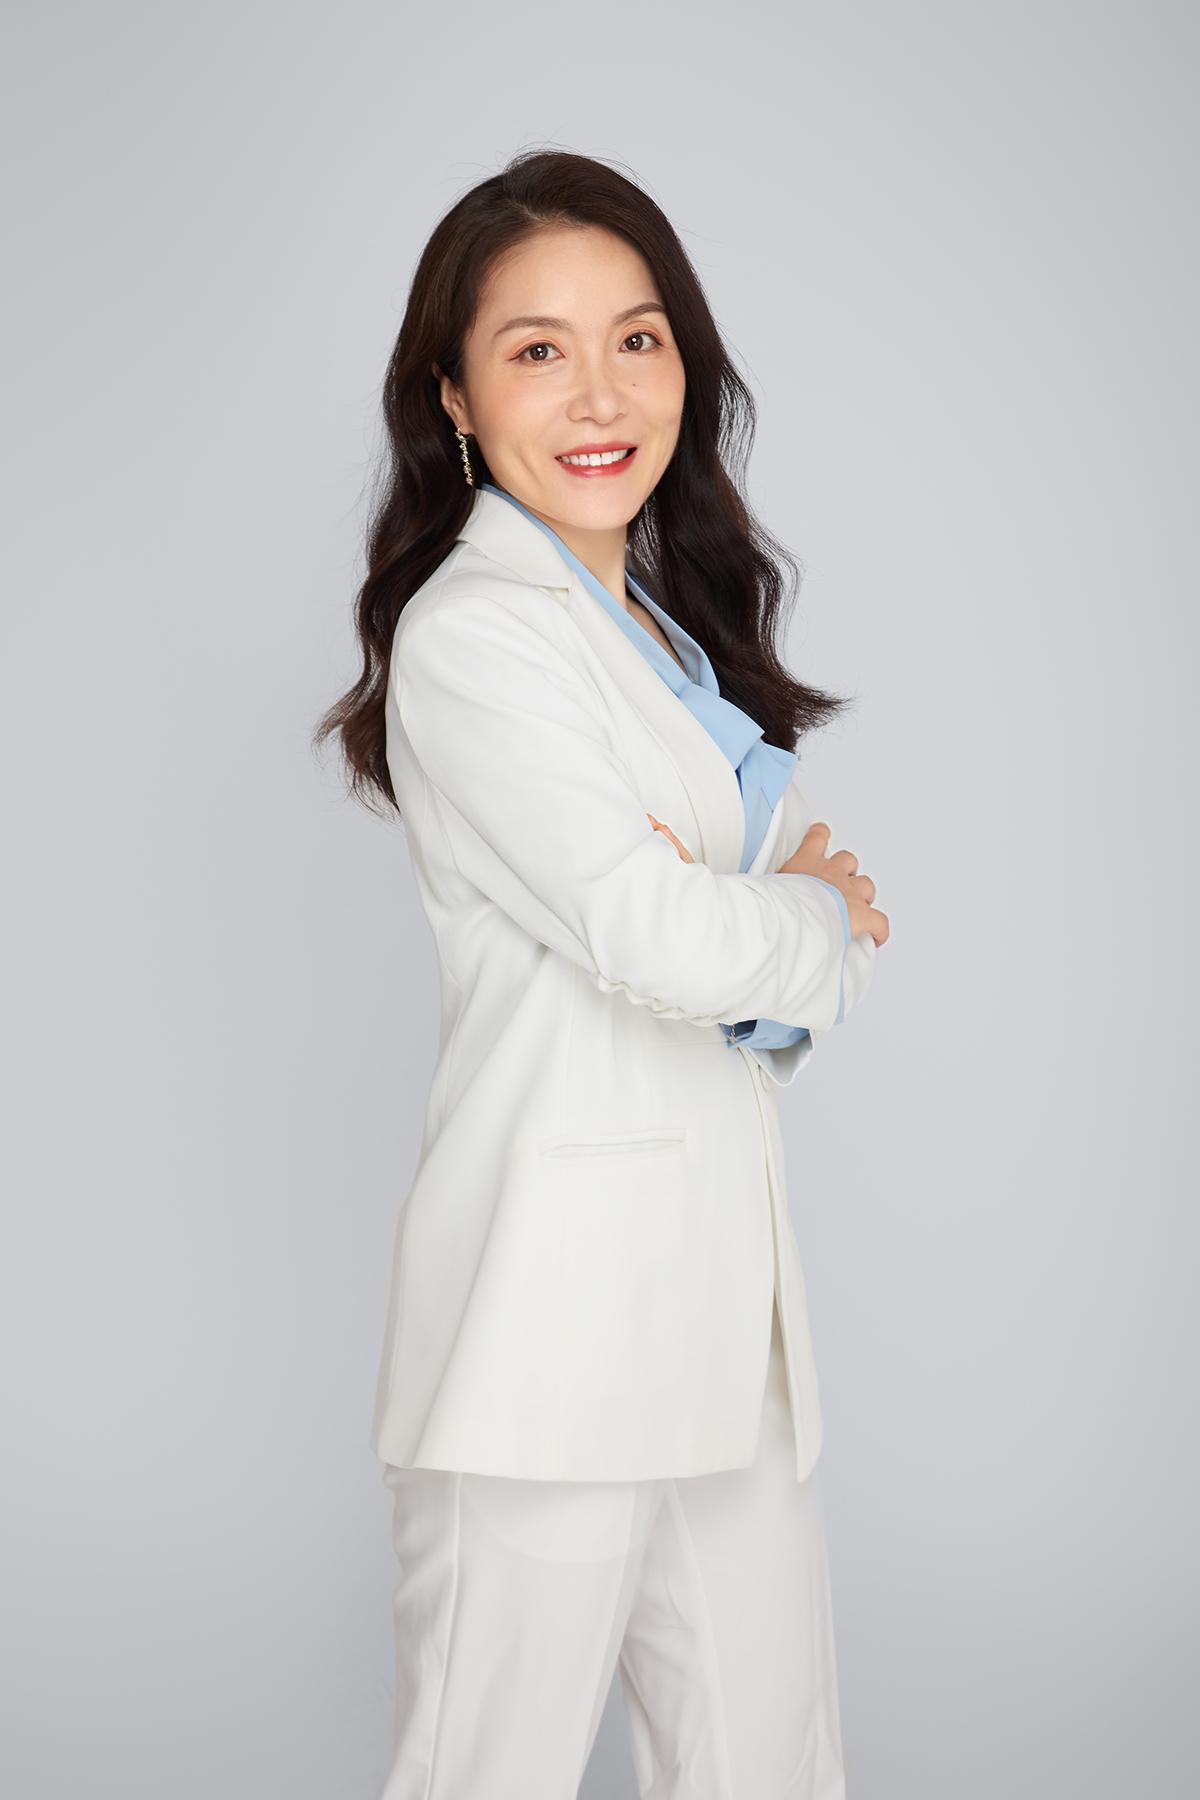 Cherry Yu